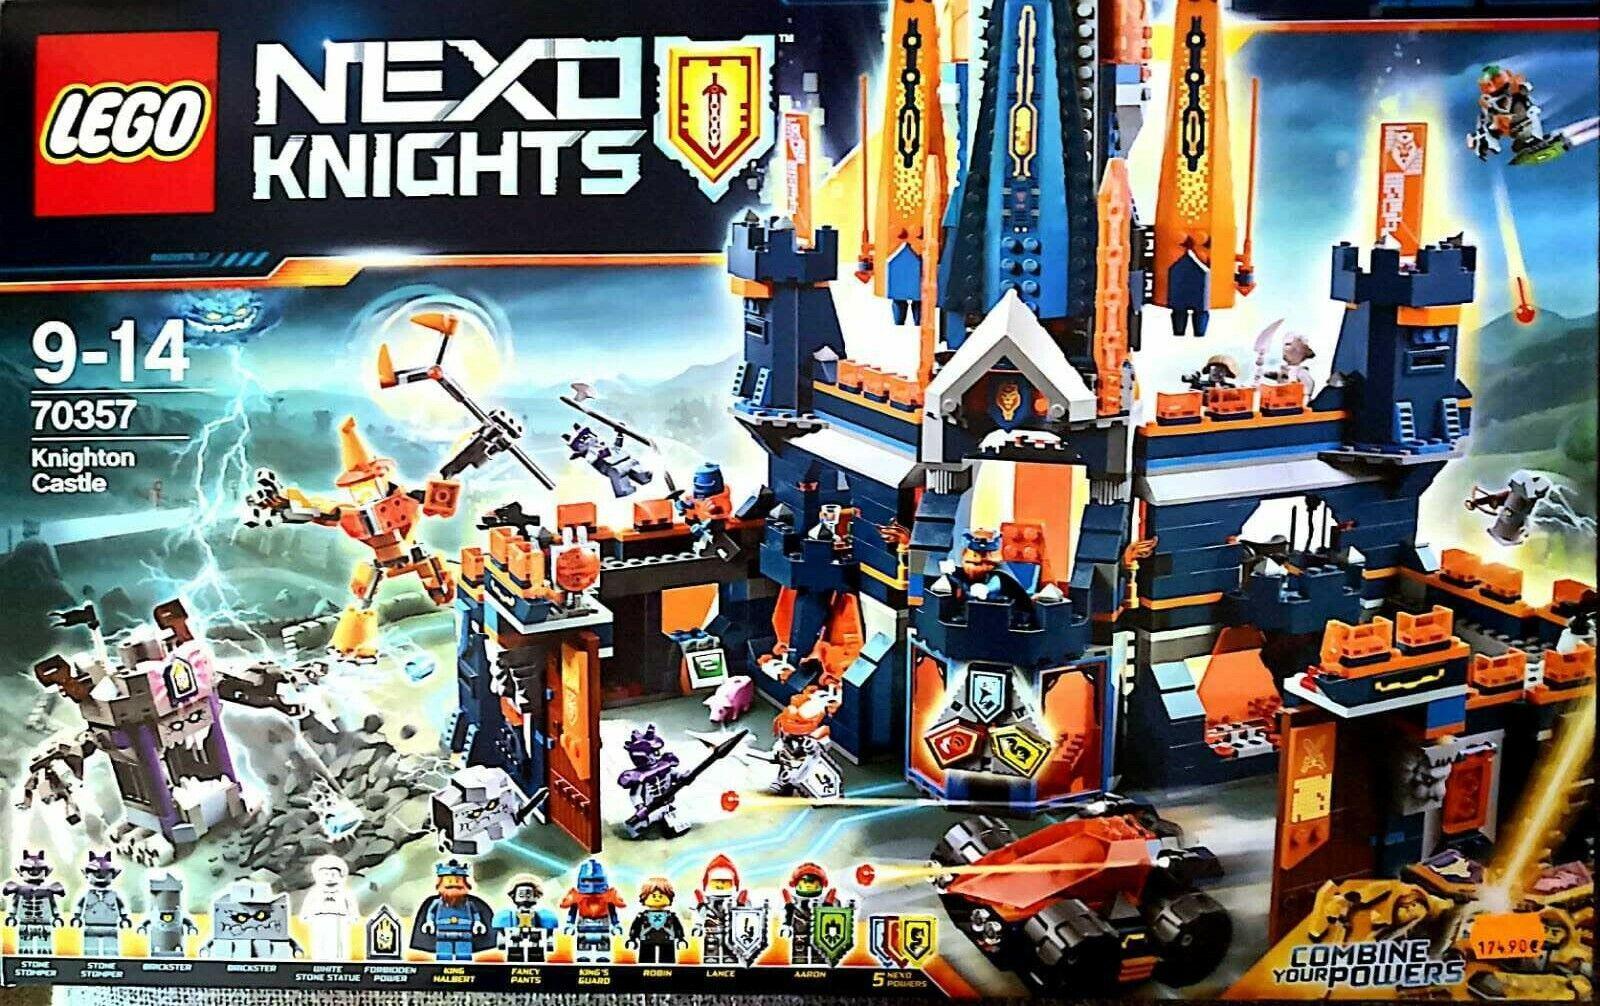 LEGO NEXO KNIGHTS Castello di Knighton Knighton Knighton 70357 IMBALLATO FUORI PRODUZIONE  connotación de lujo discreta